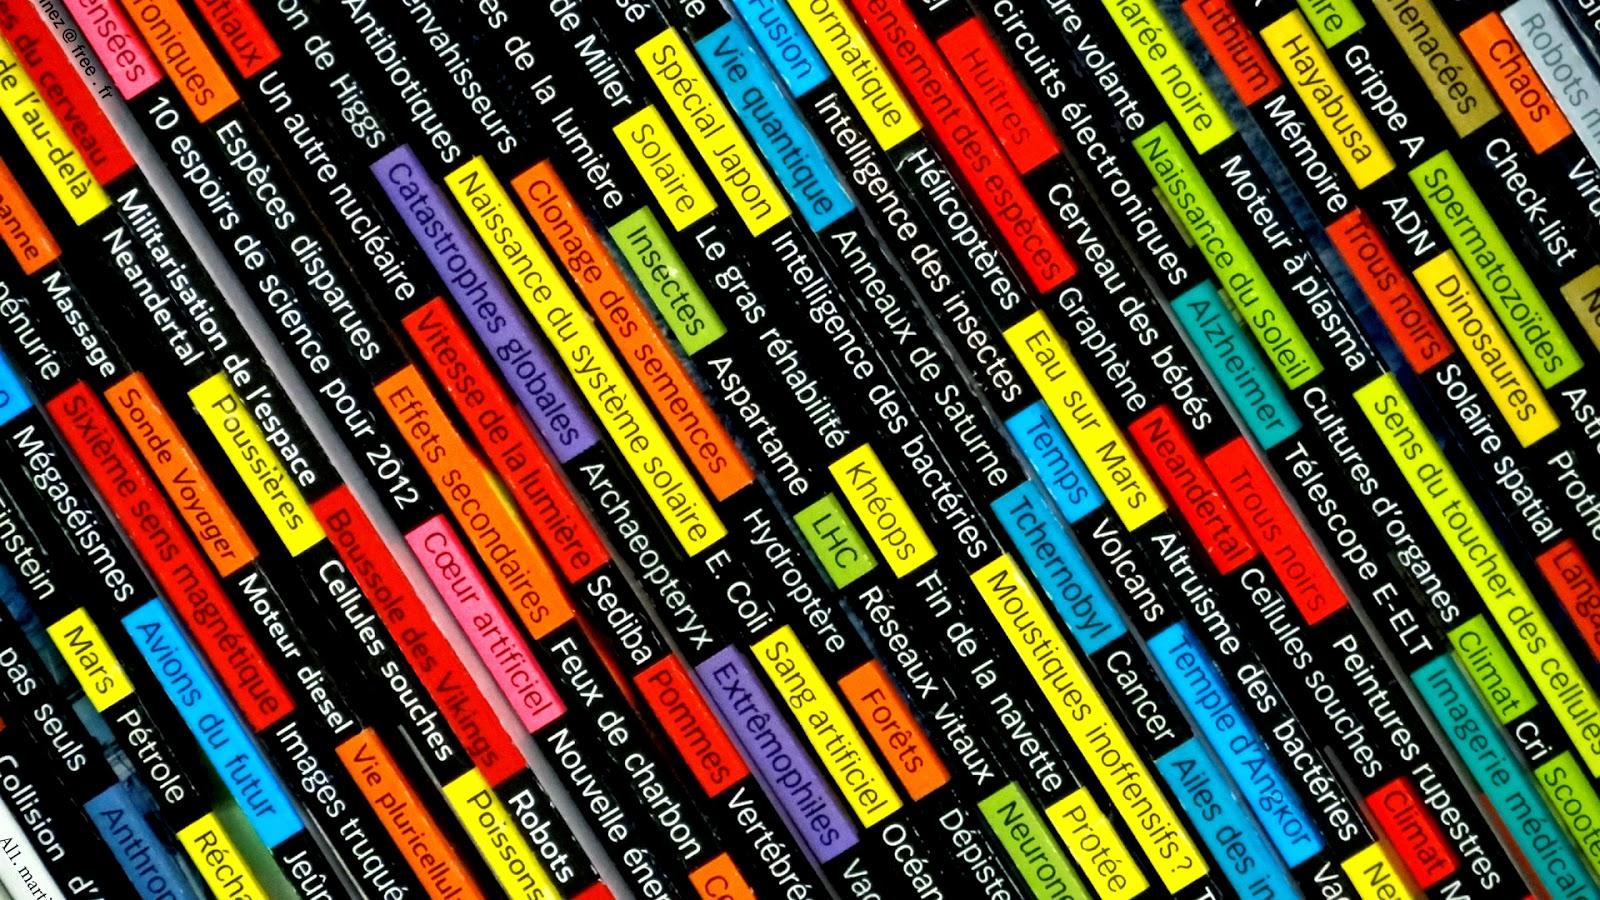 Fondo De Pantalla Abstracto Libros De Ciencia